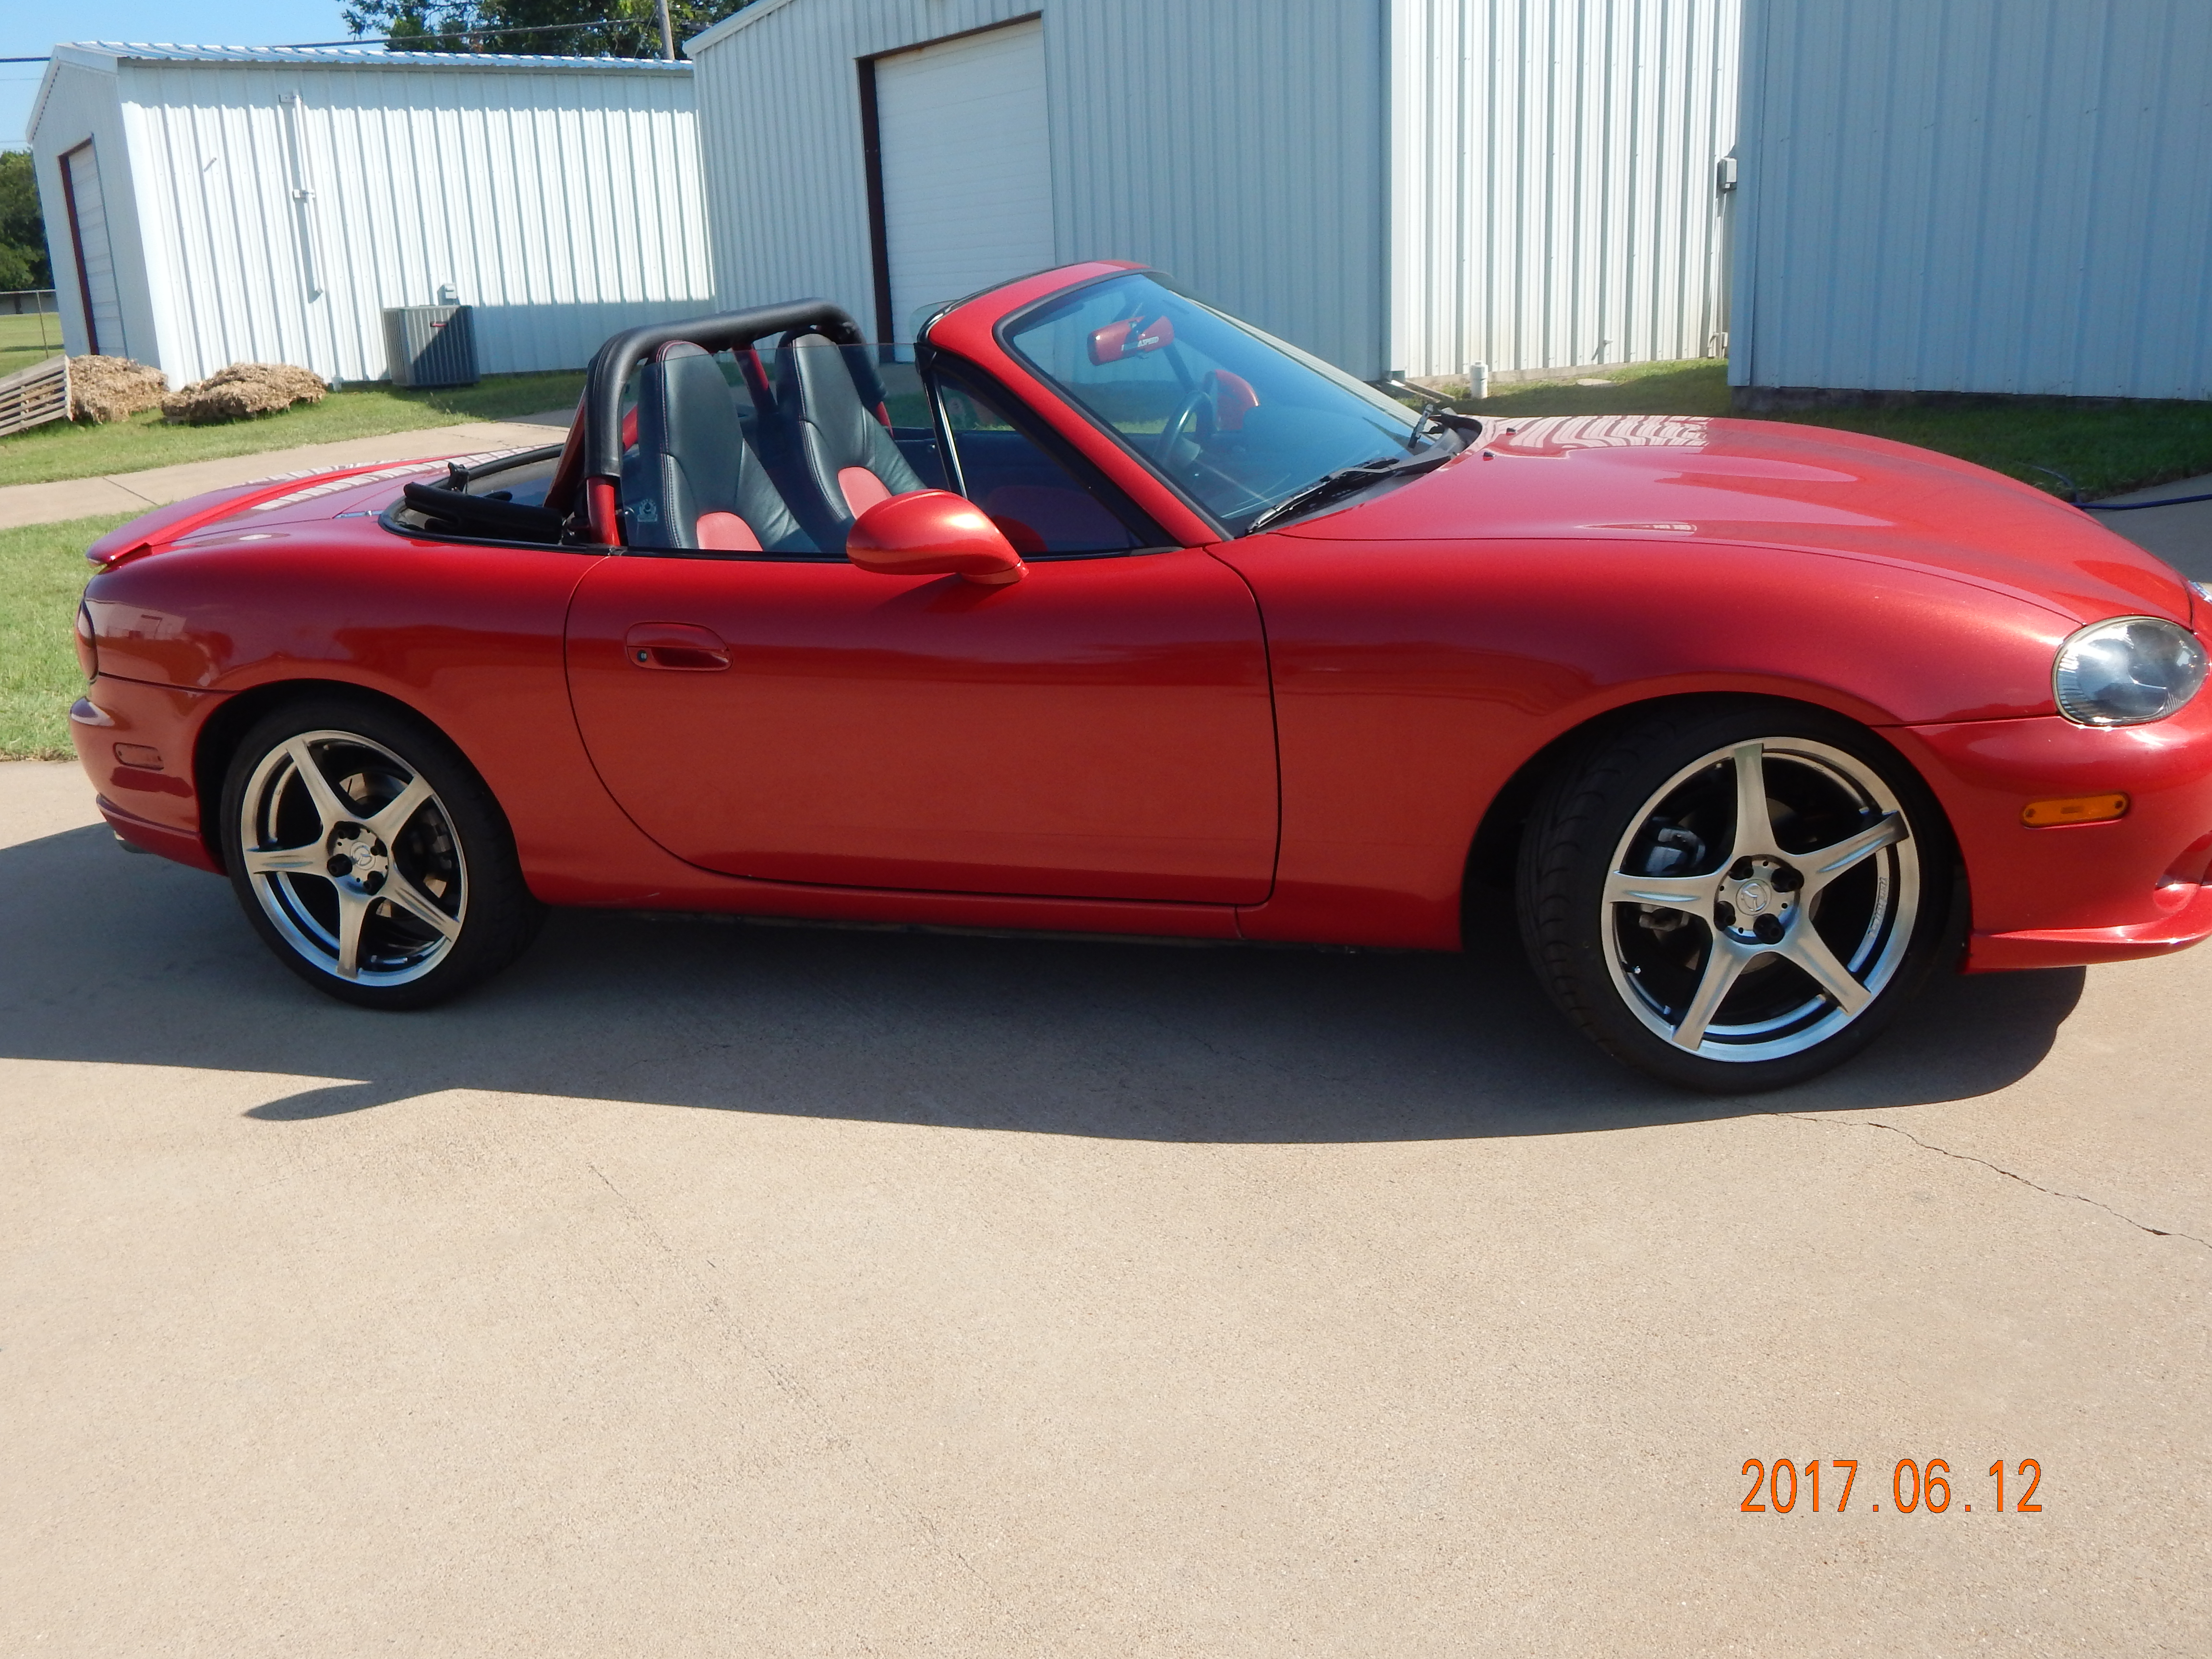 2004 Mazda Speed Miata 1.8l turbo